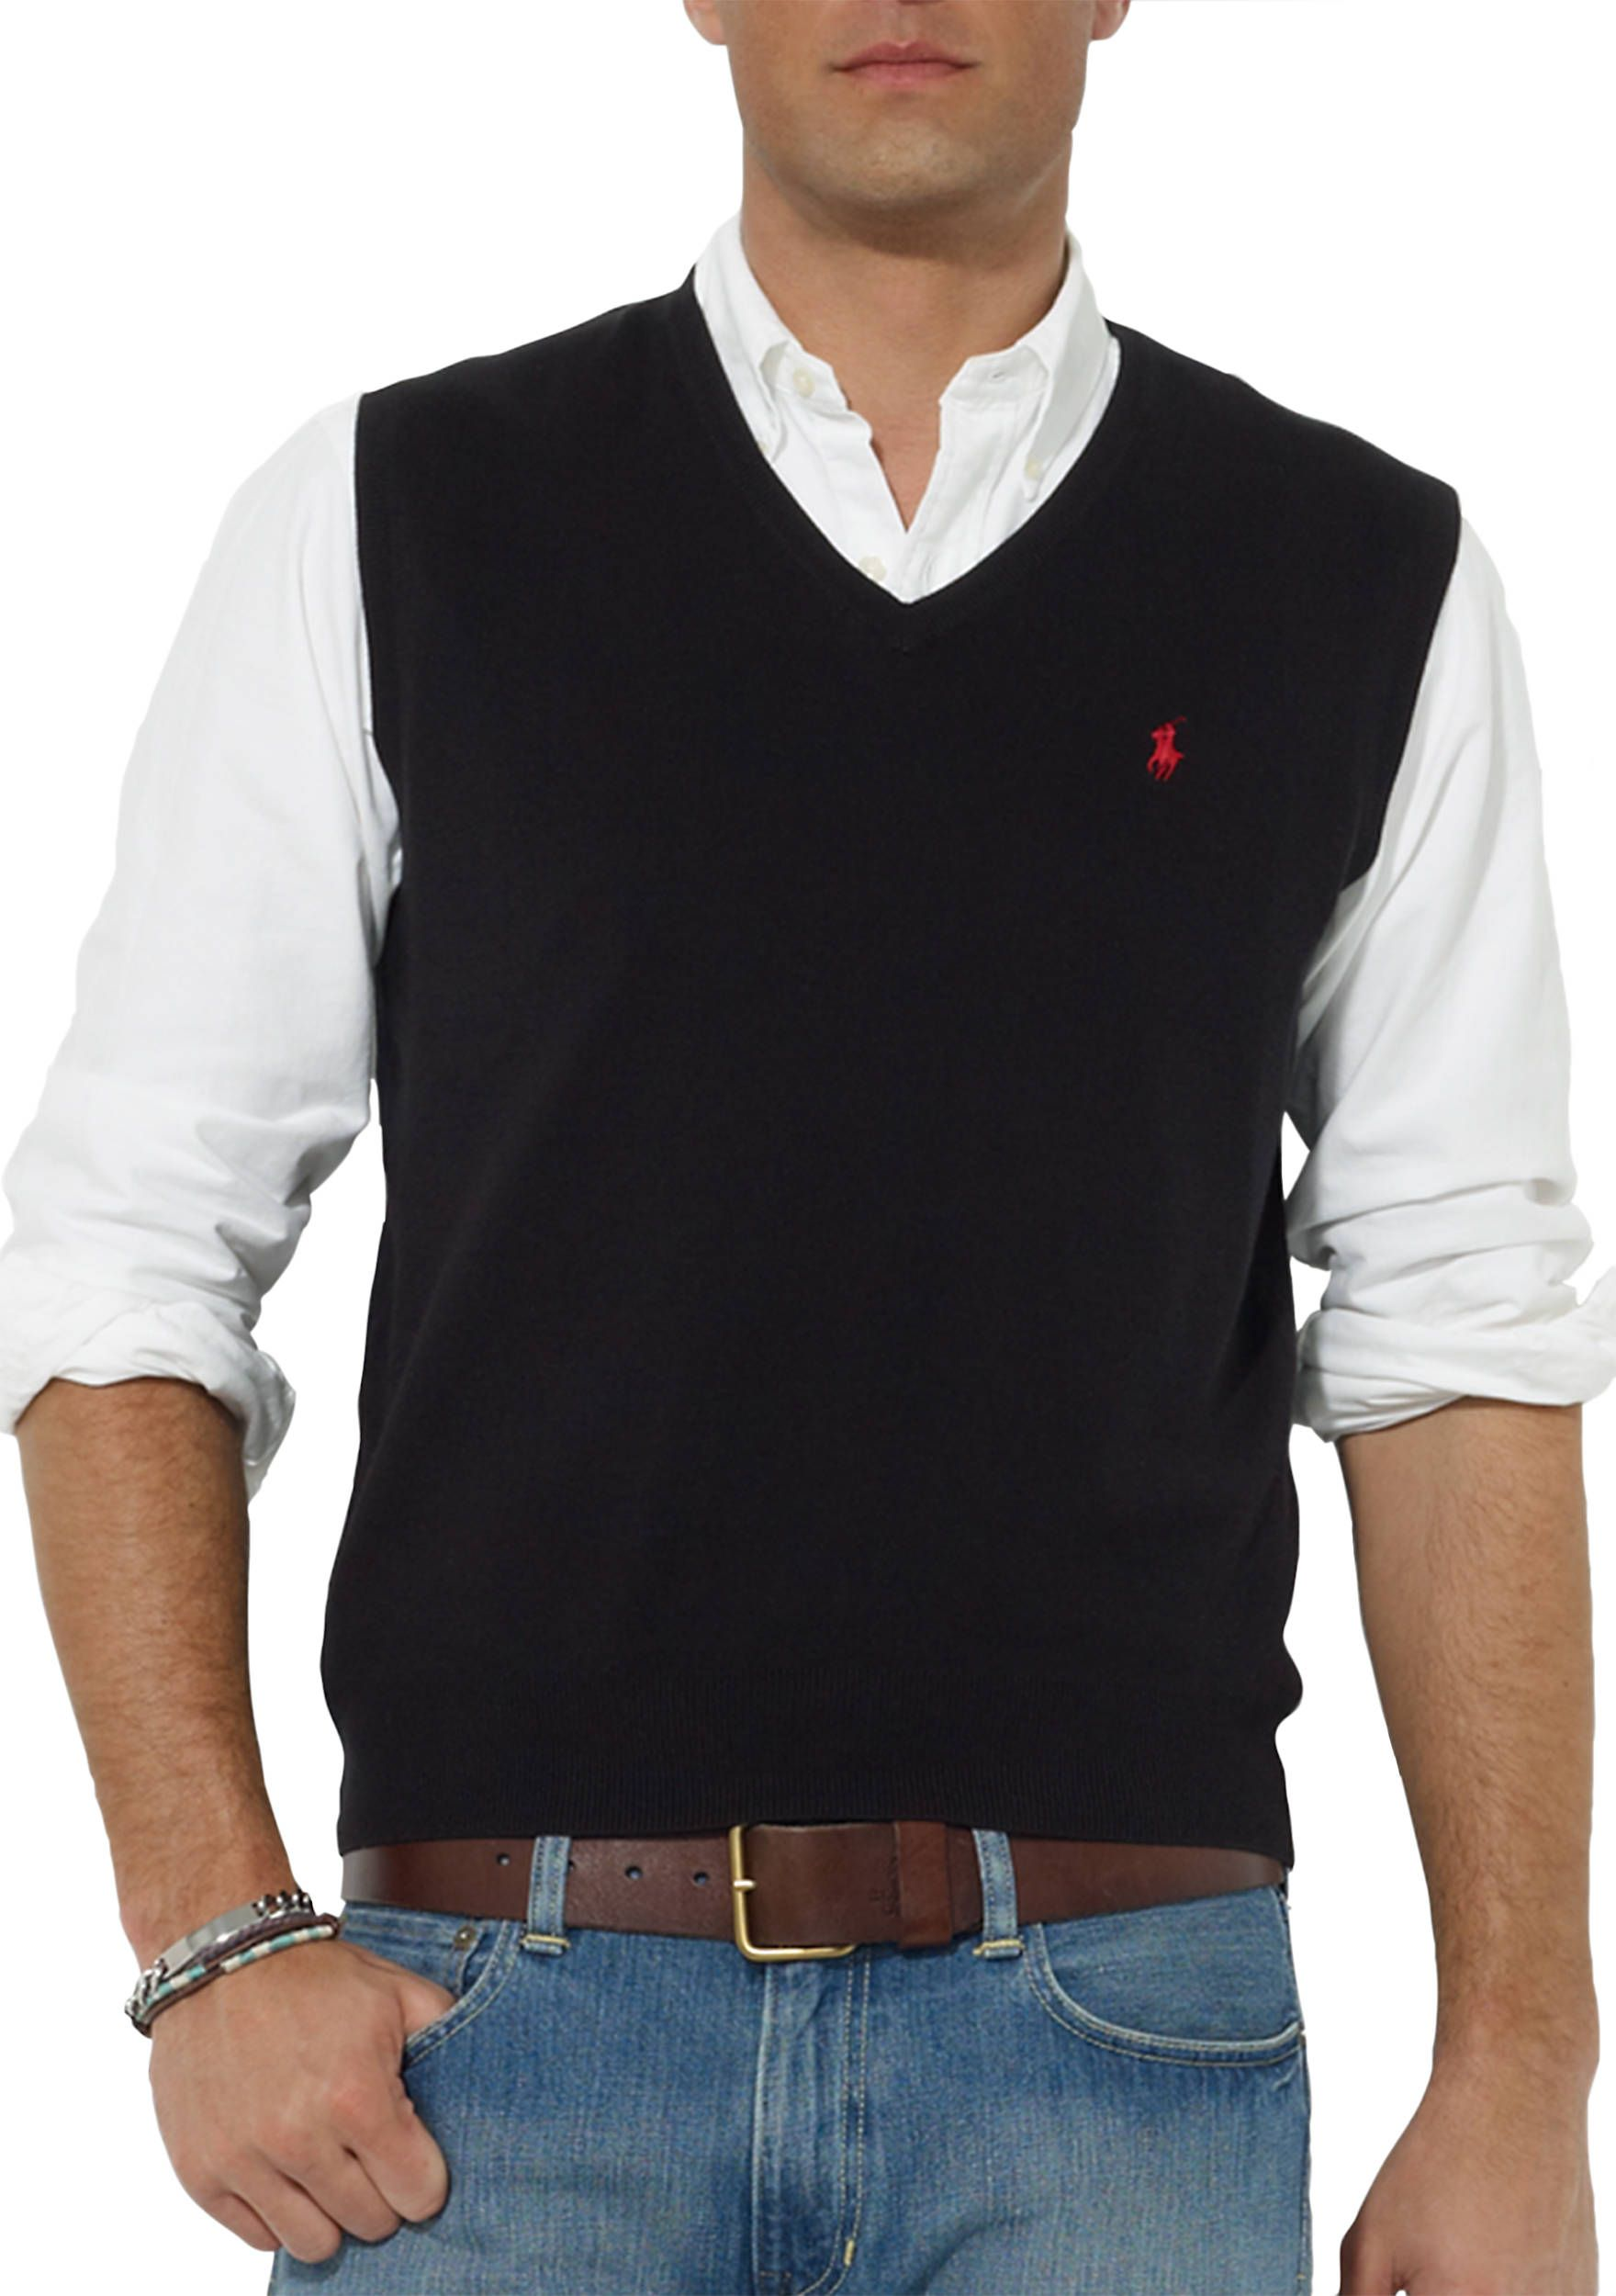 29352682d Polo Ralph Lauren Pima Cotton V-Neck Vest Black Men Young Men s Clothing  Sweaters  Black 3201602WPPIM34308Y